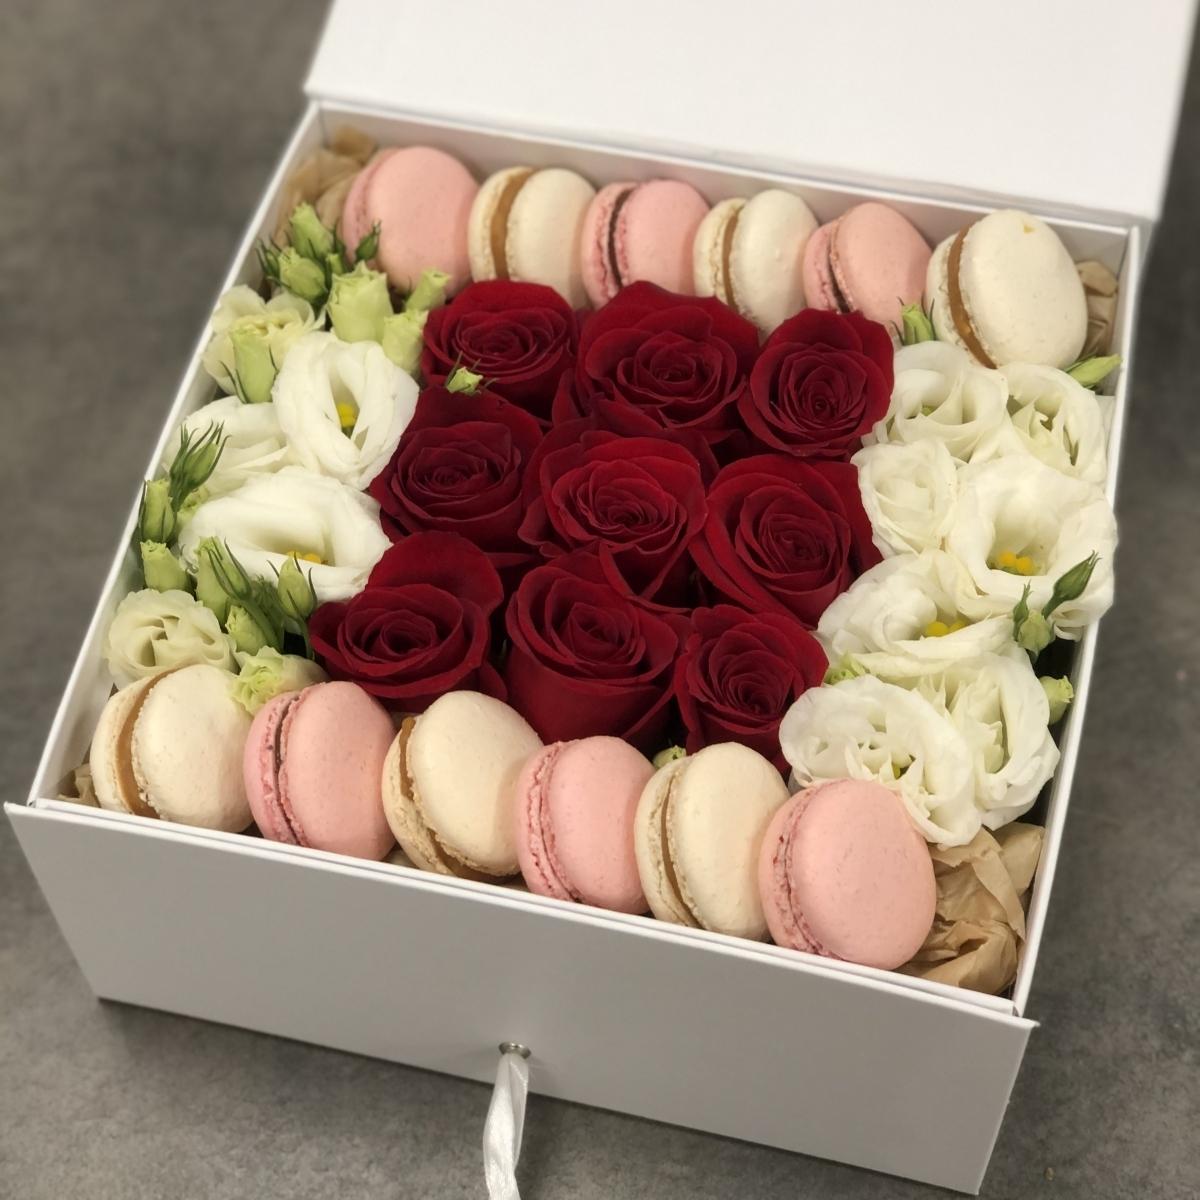 Коробка с красными розами, эустомой и macarons Классическое сочетание